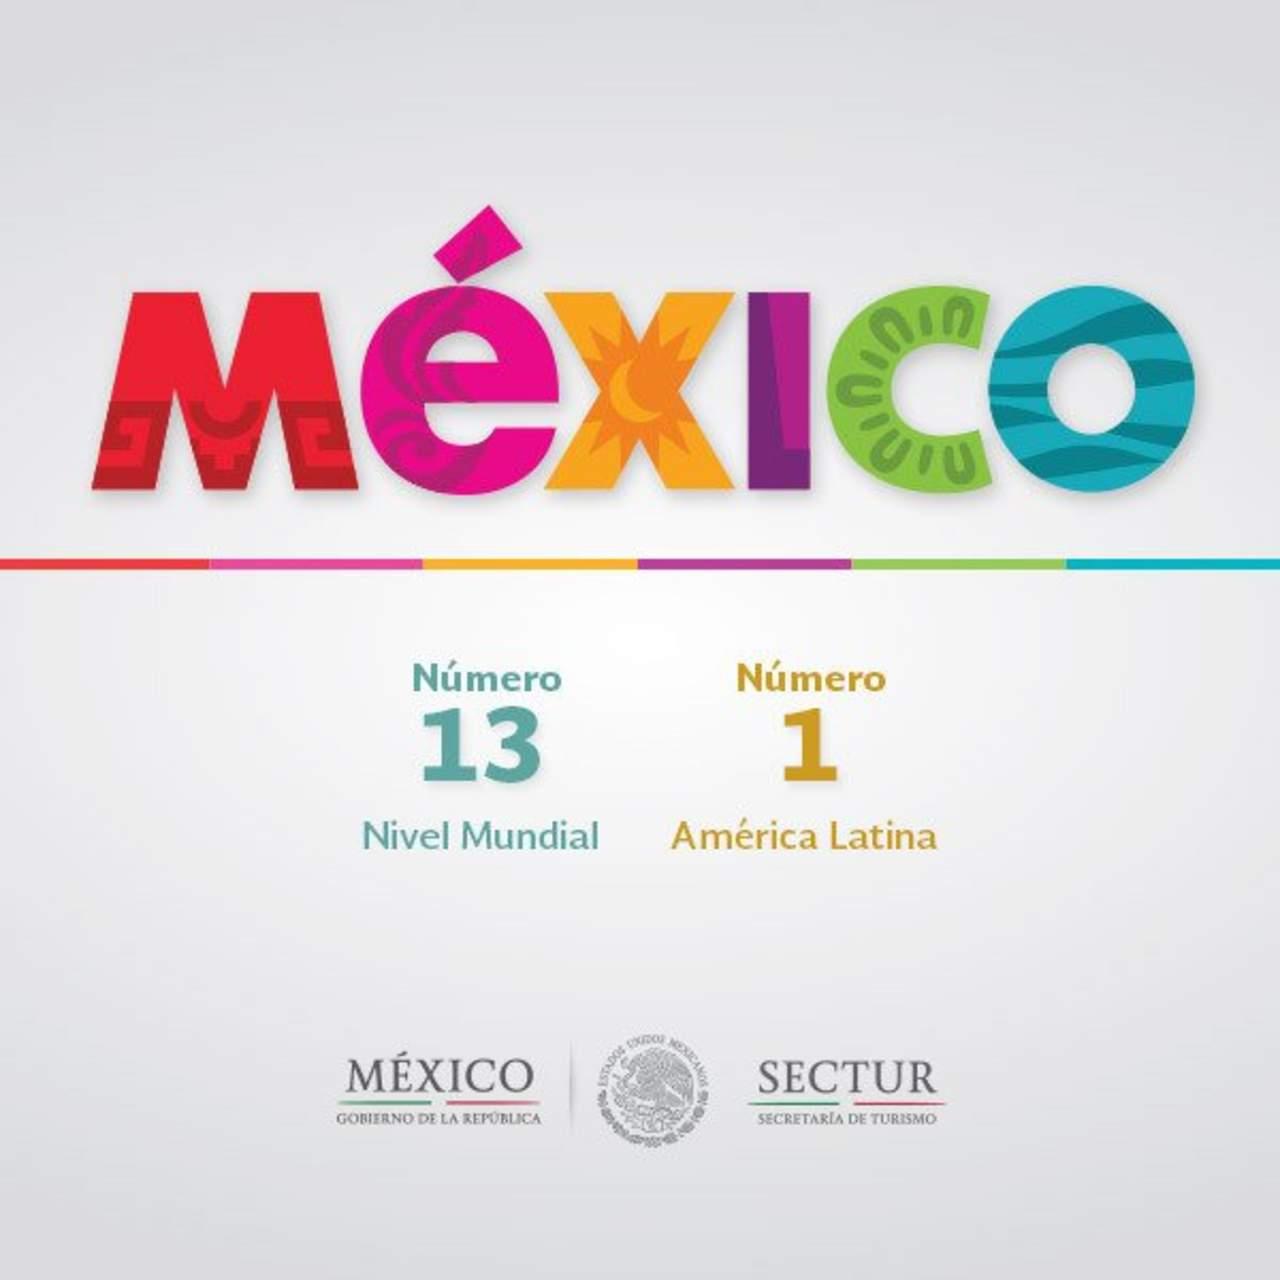 Marca México, entre las 20 más valiosas del mundo